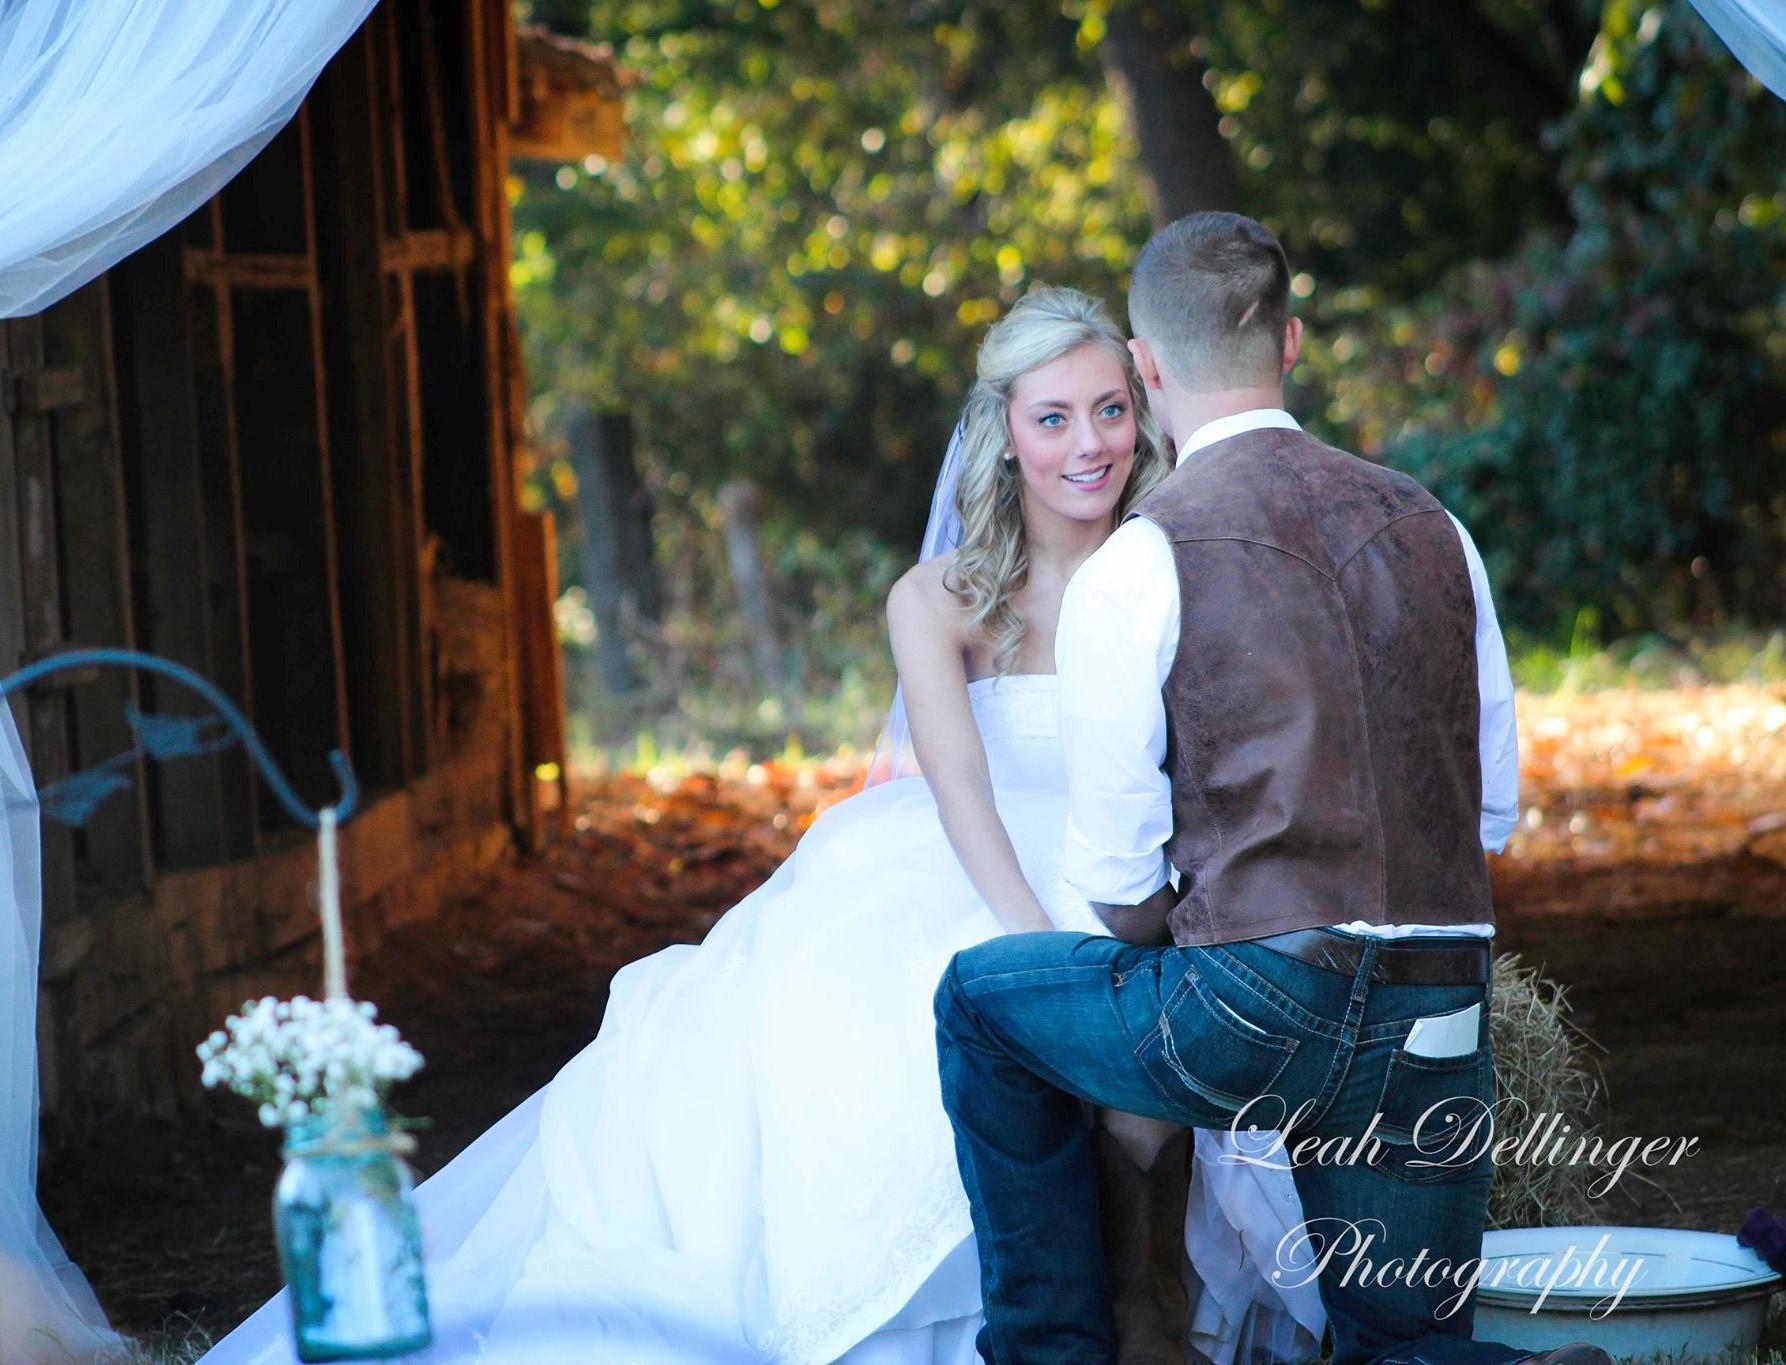 The FarmHouse Siloam Rustic Bride Barn Wedding Venues